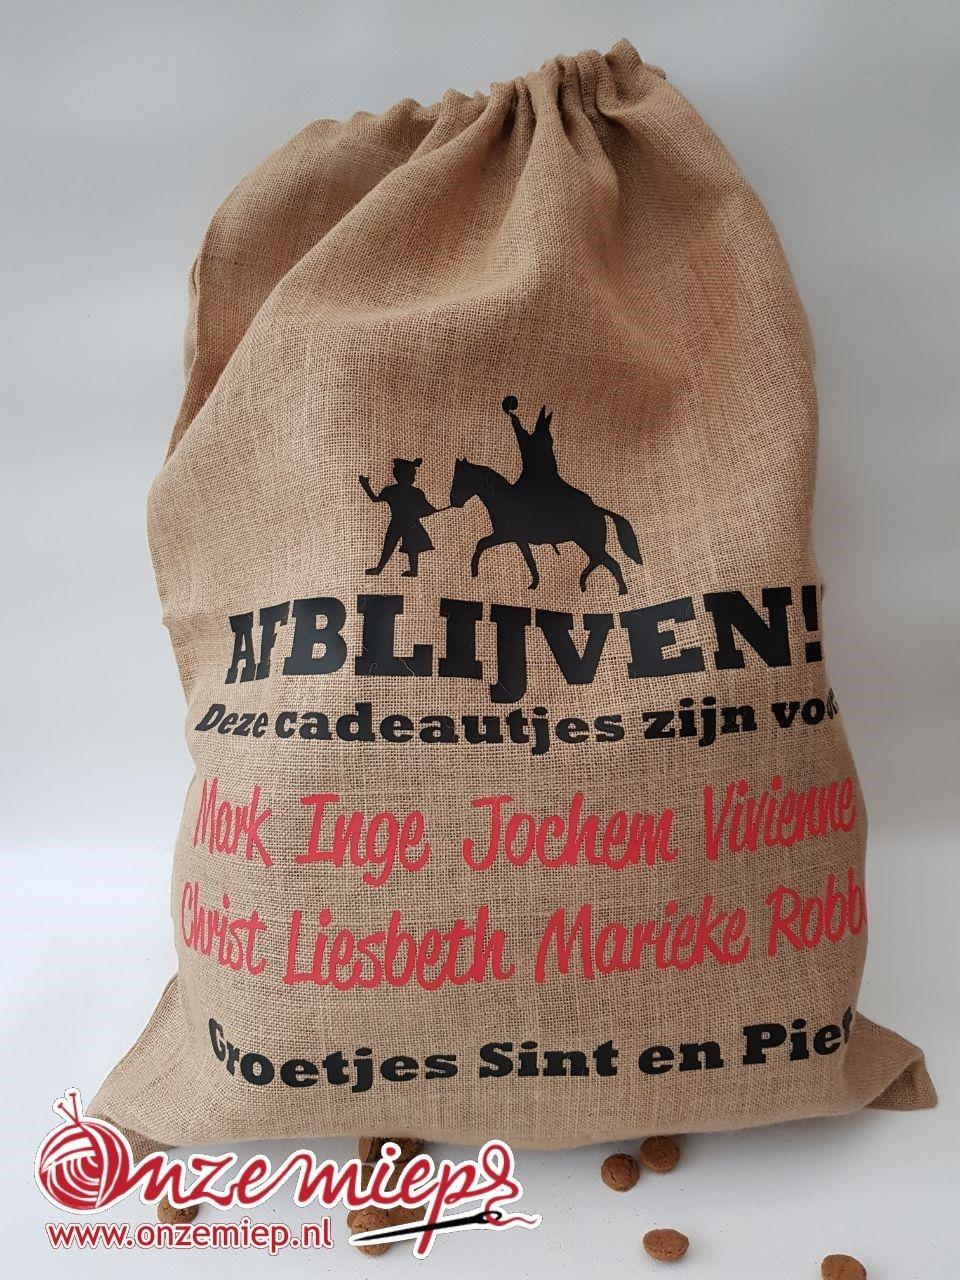 """Persoonlijke jute zak voor cadeautjes met de tekst """"Afblijven!!! Deze cadeautjes zijn voor: ... Groetjes Sint en Piet"""